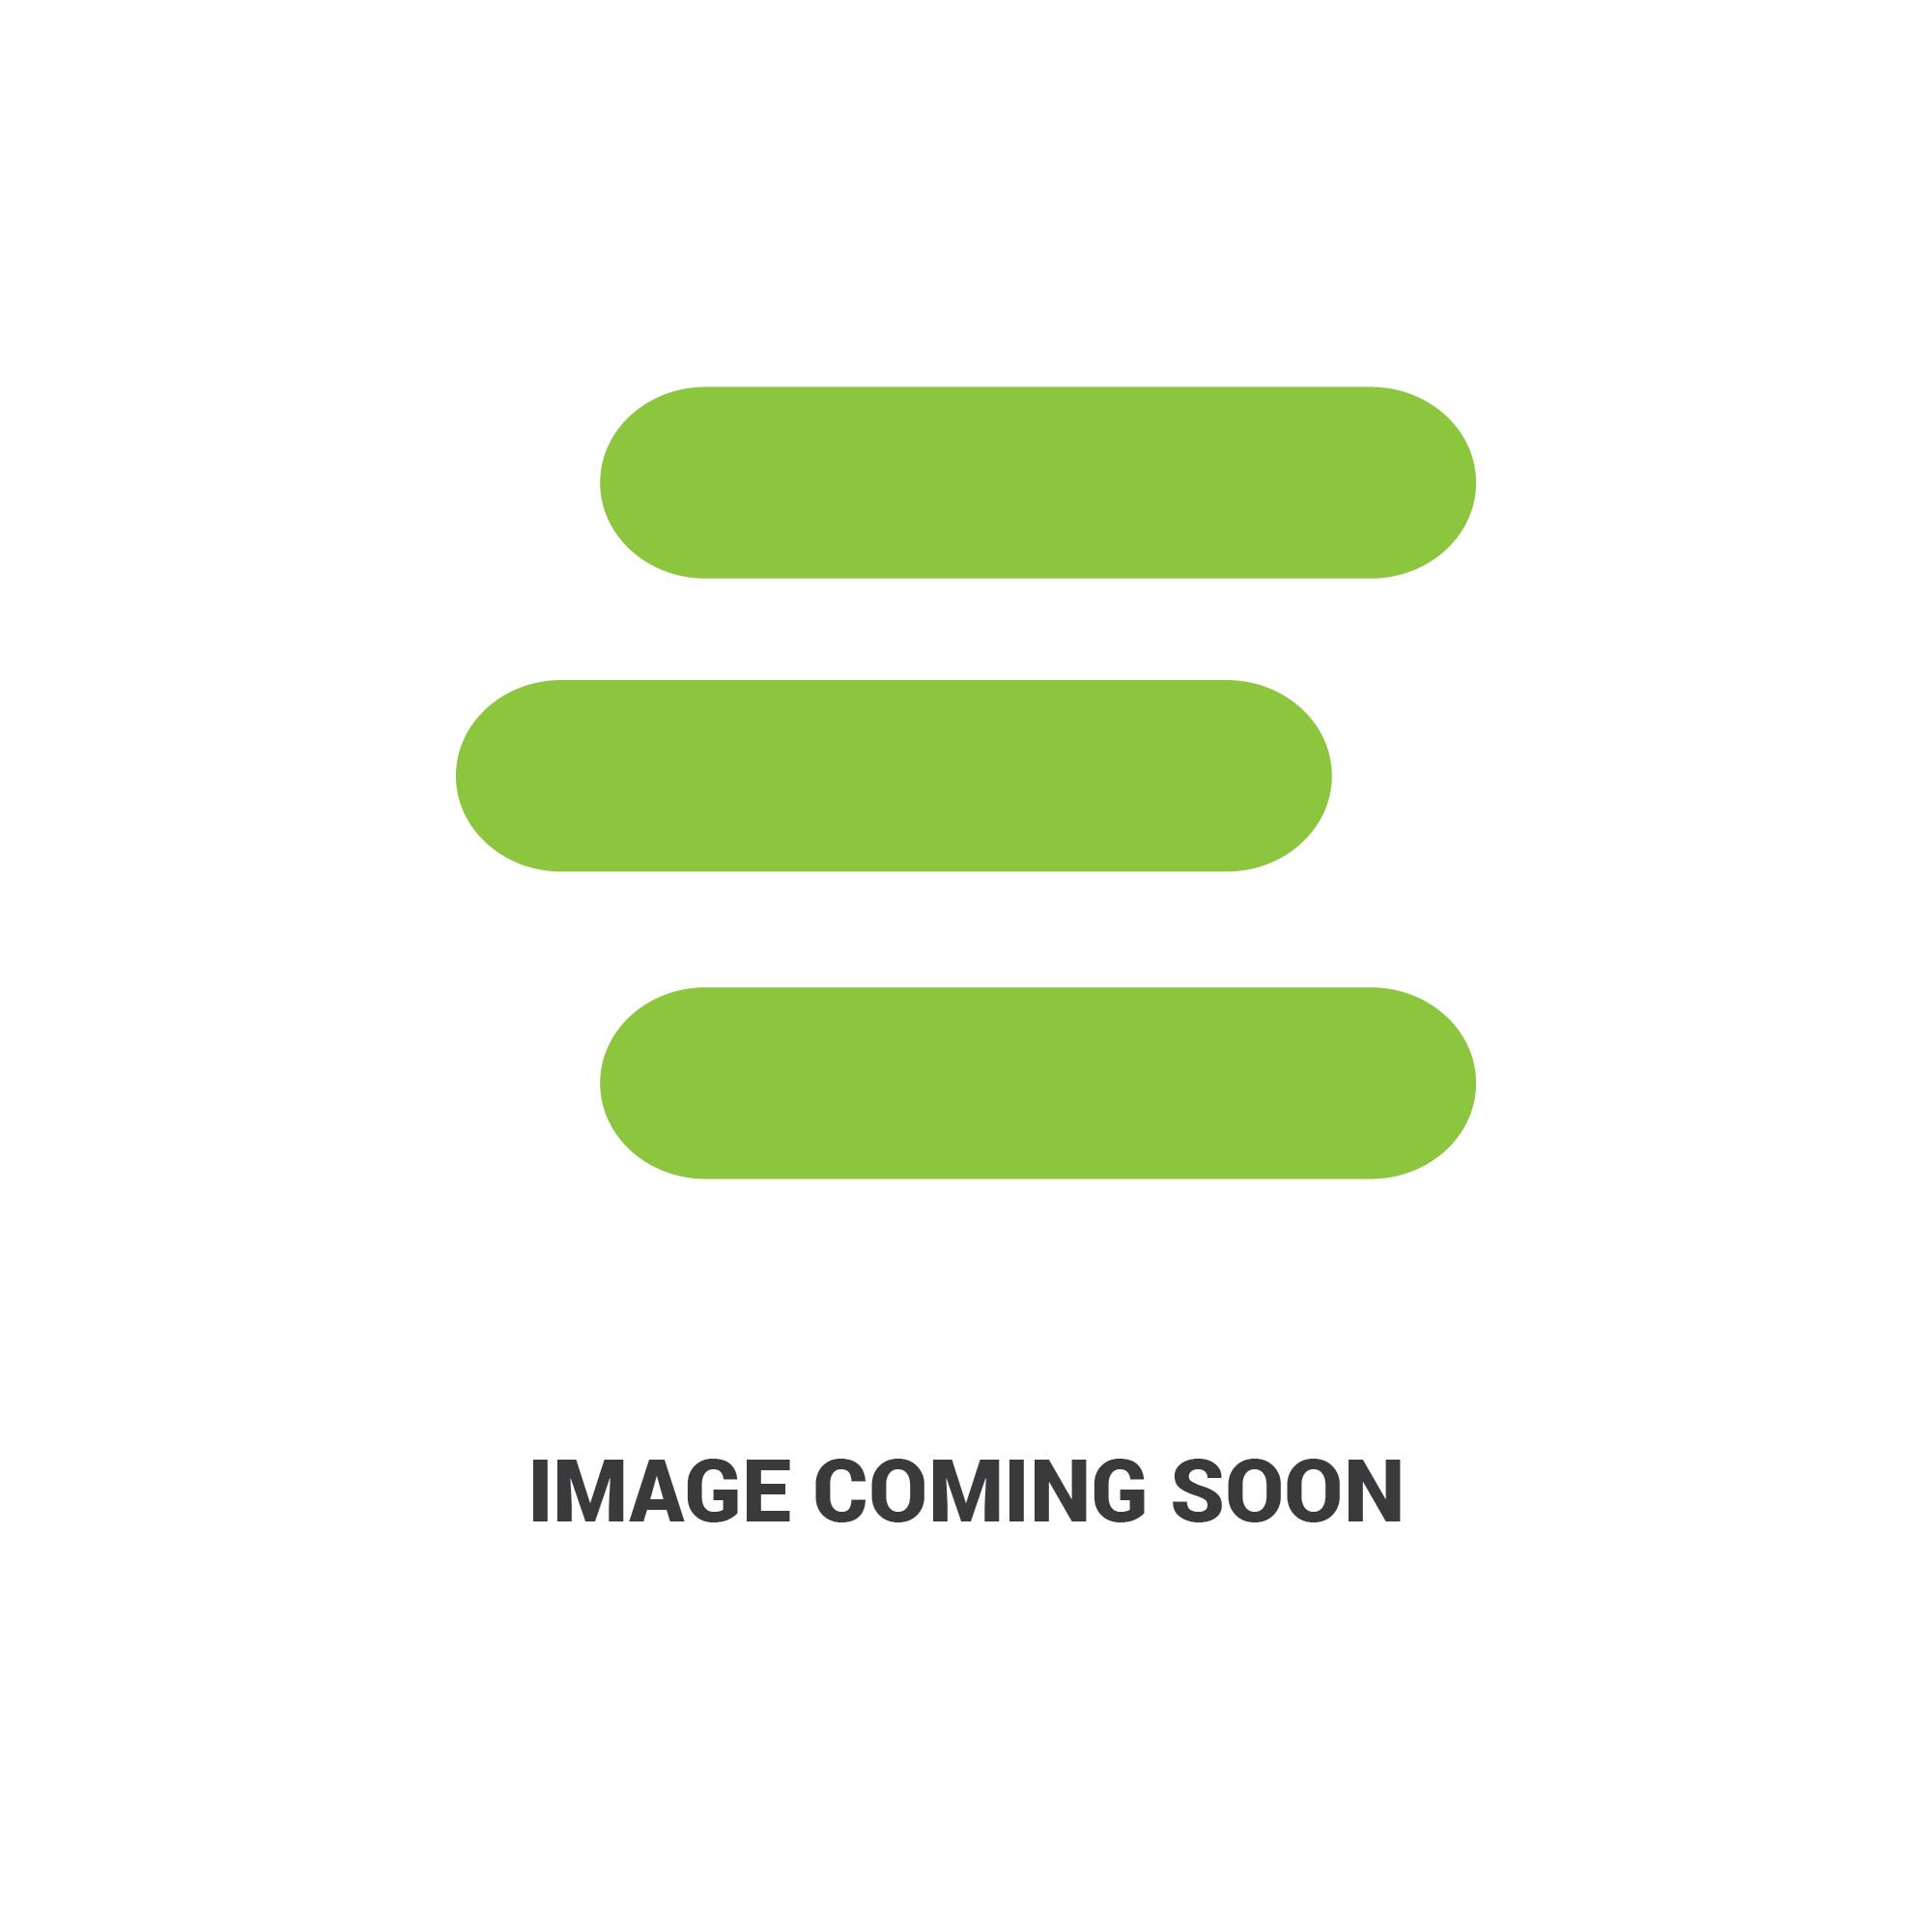 E-AM1441962213_1.jpg